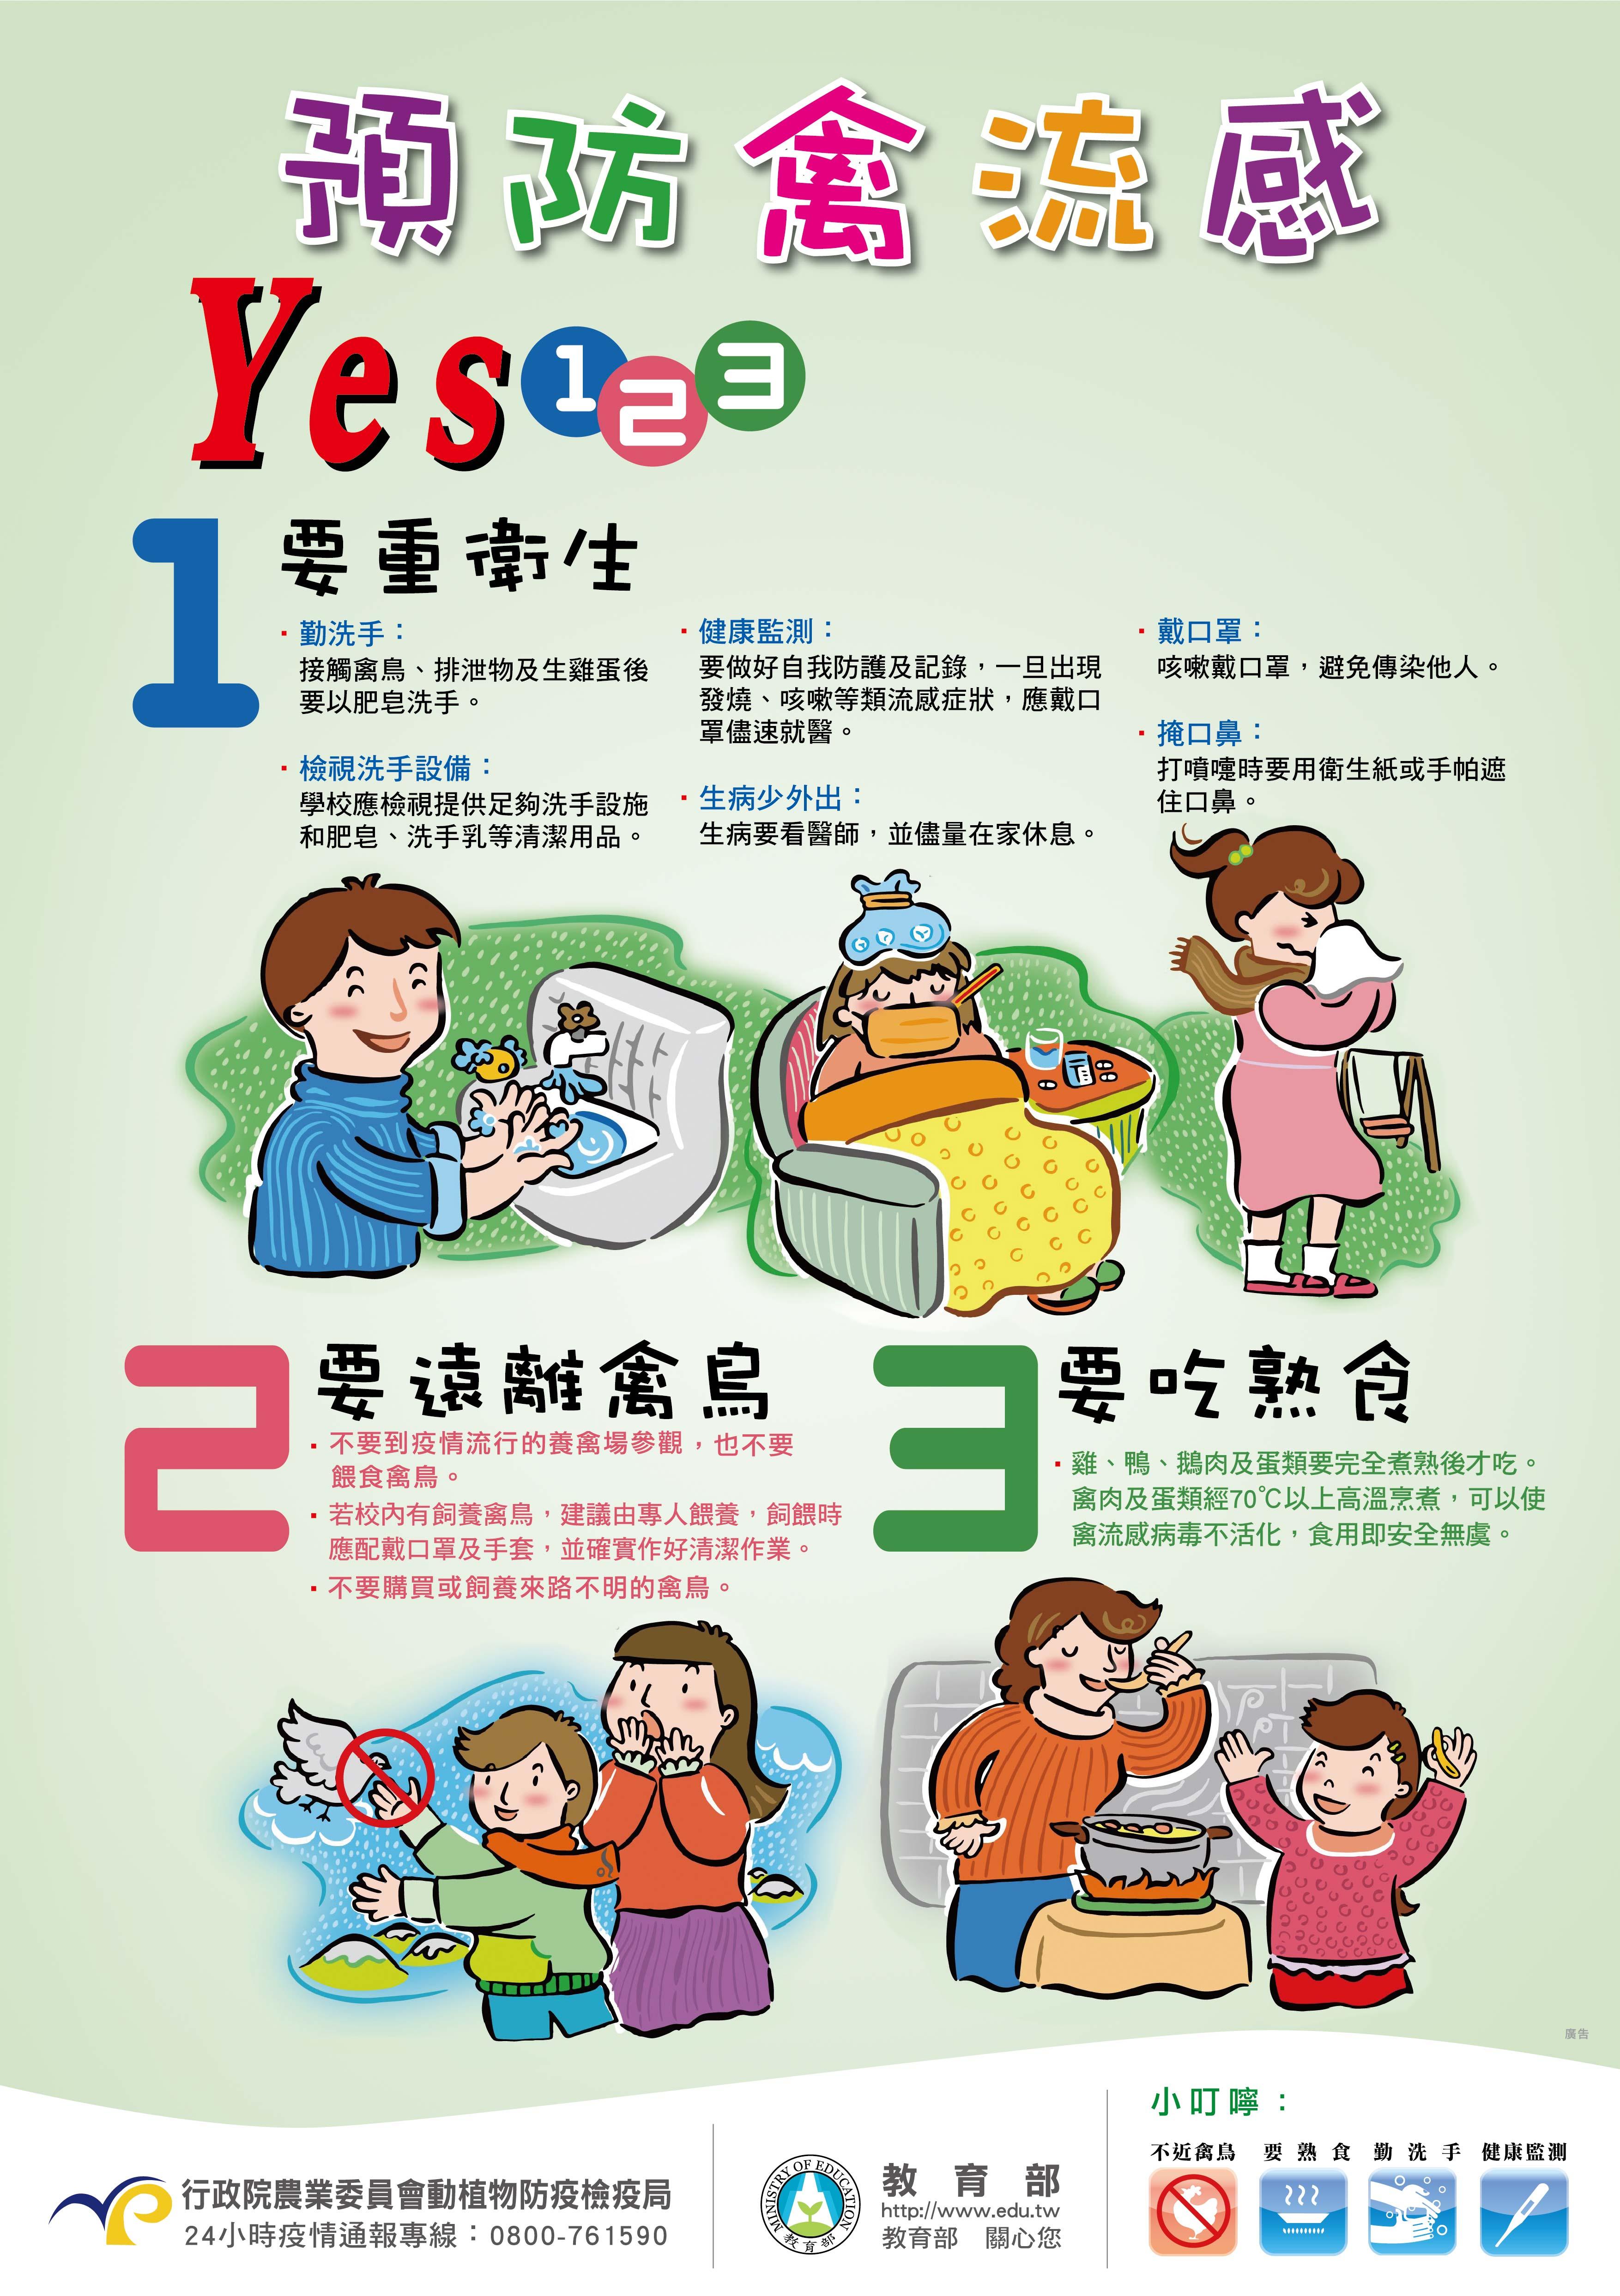 預防禽流感 Yes123